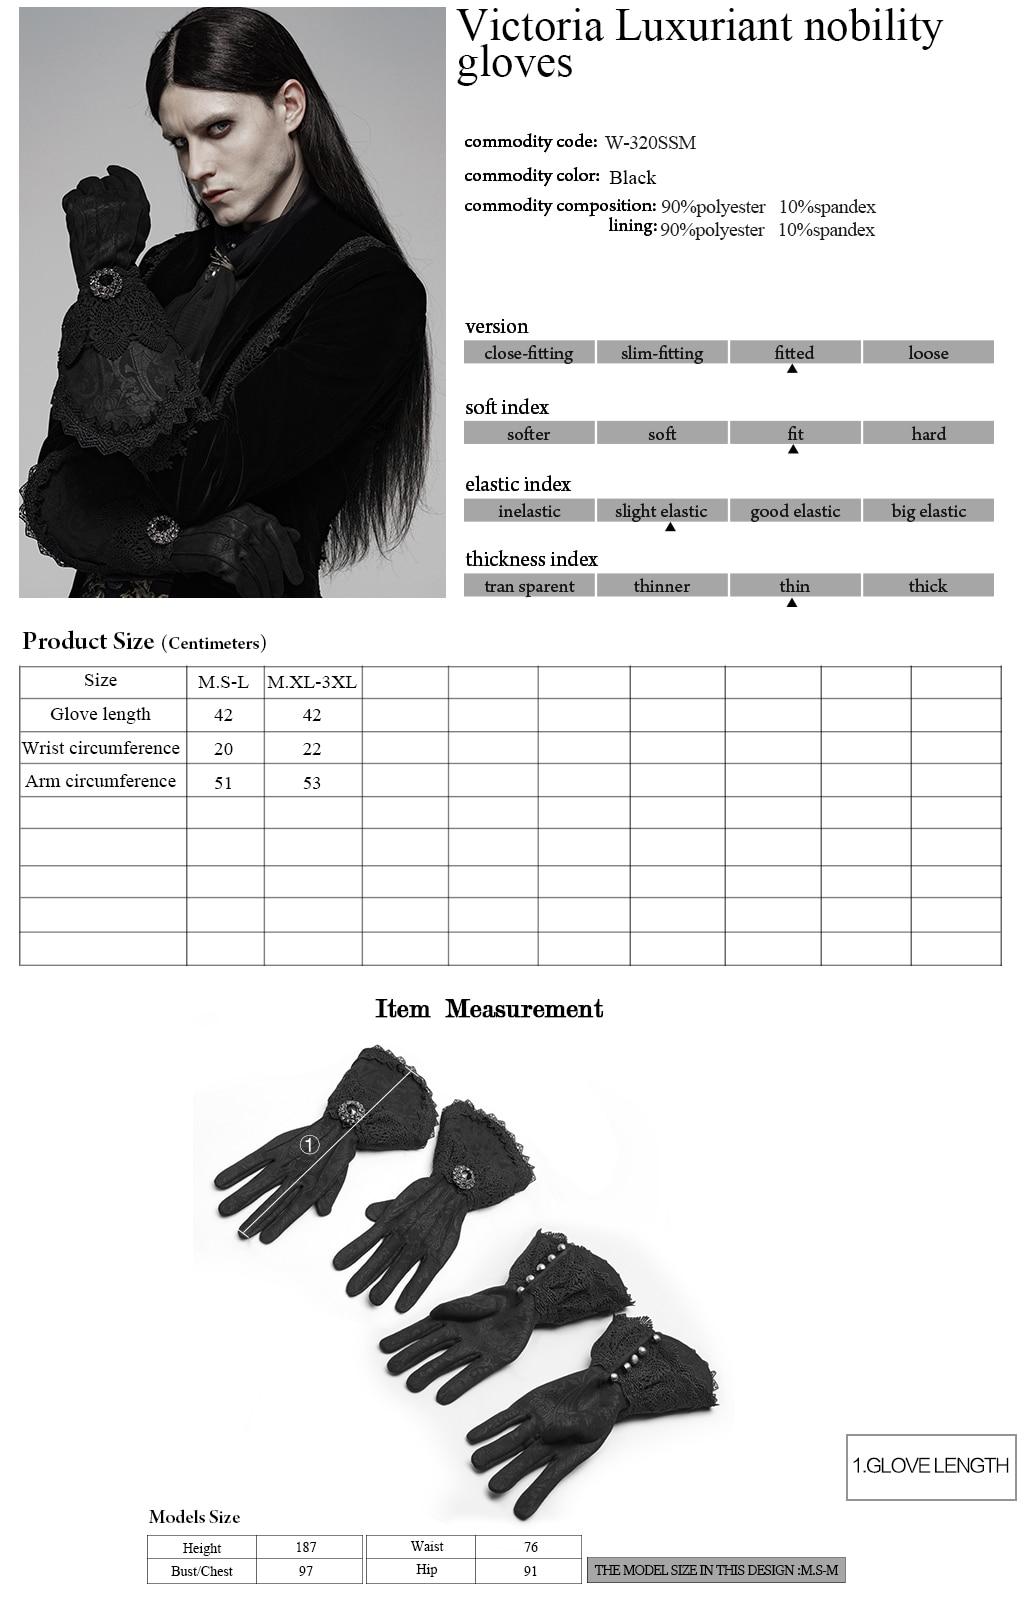 PUNK RAVE guantes de nobleza lujosos para hombre Victoria elegantes de gamuza Floral de encaje de invierno largo Formal de fiesta de noche de cena guantes - 6